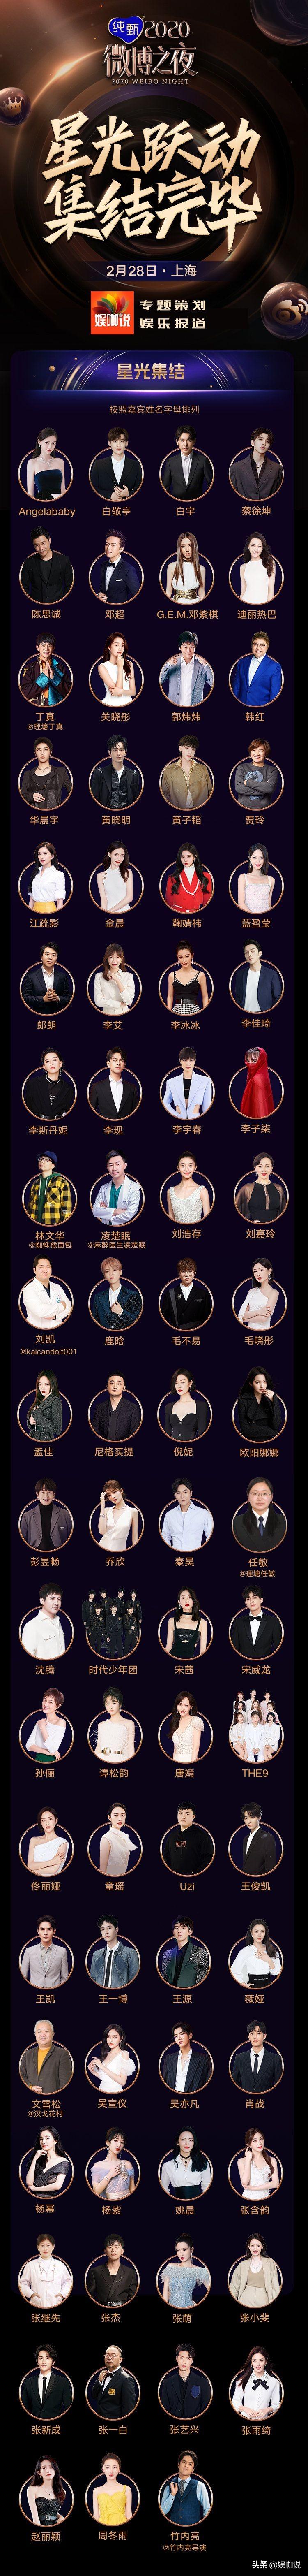 肖战晒2020成绩单,蔡徐坤、张杰悉数亮相,打榜微博之夜男神